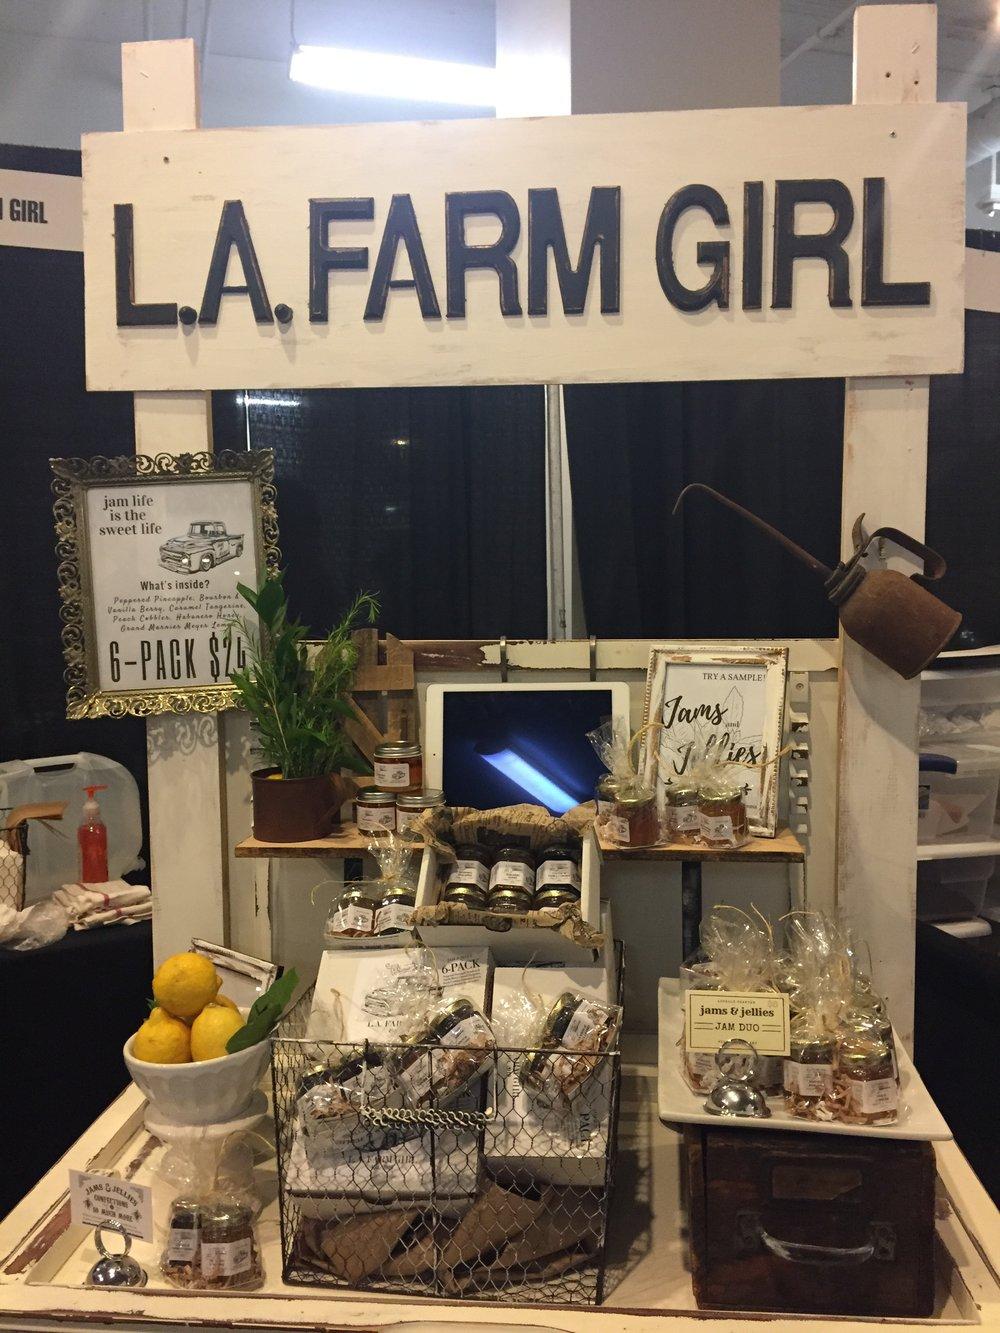 LA Farm Girl